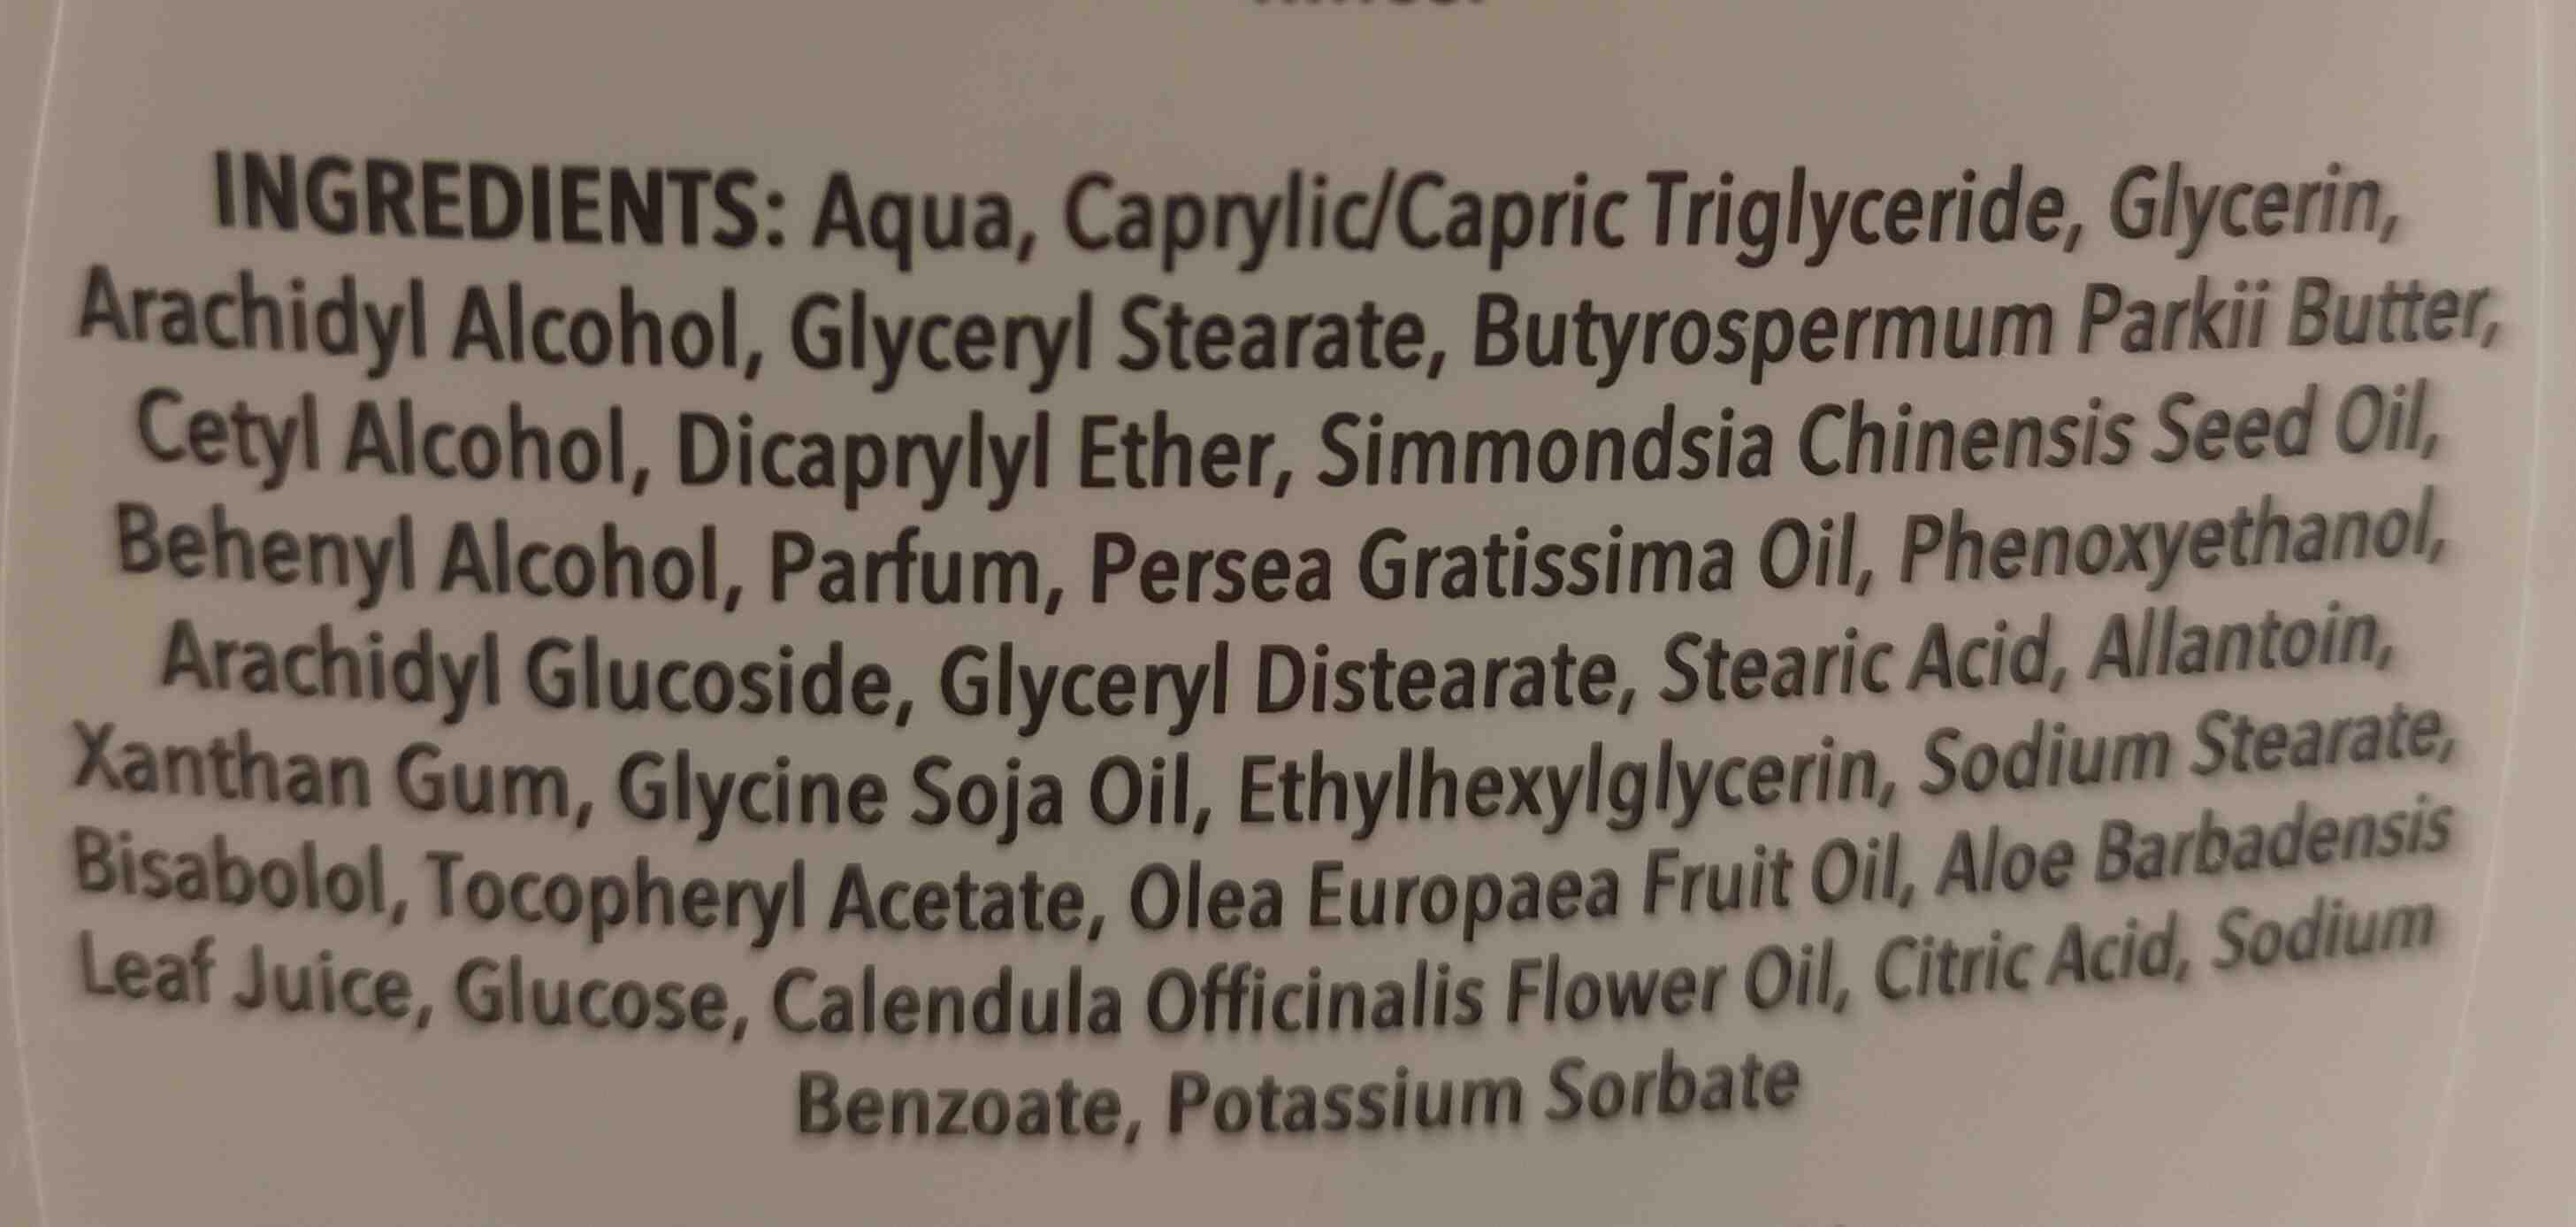 Locion hidratante - Ingredients - en